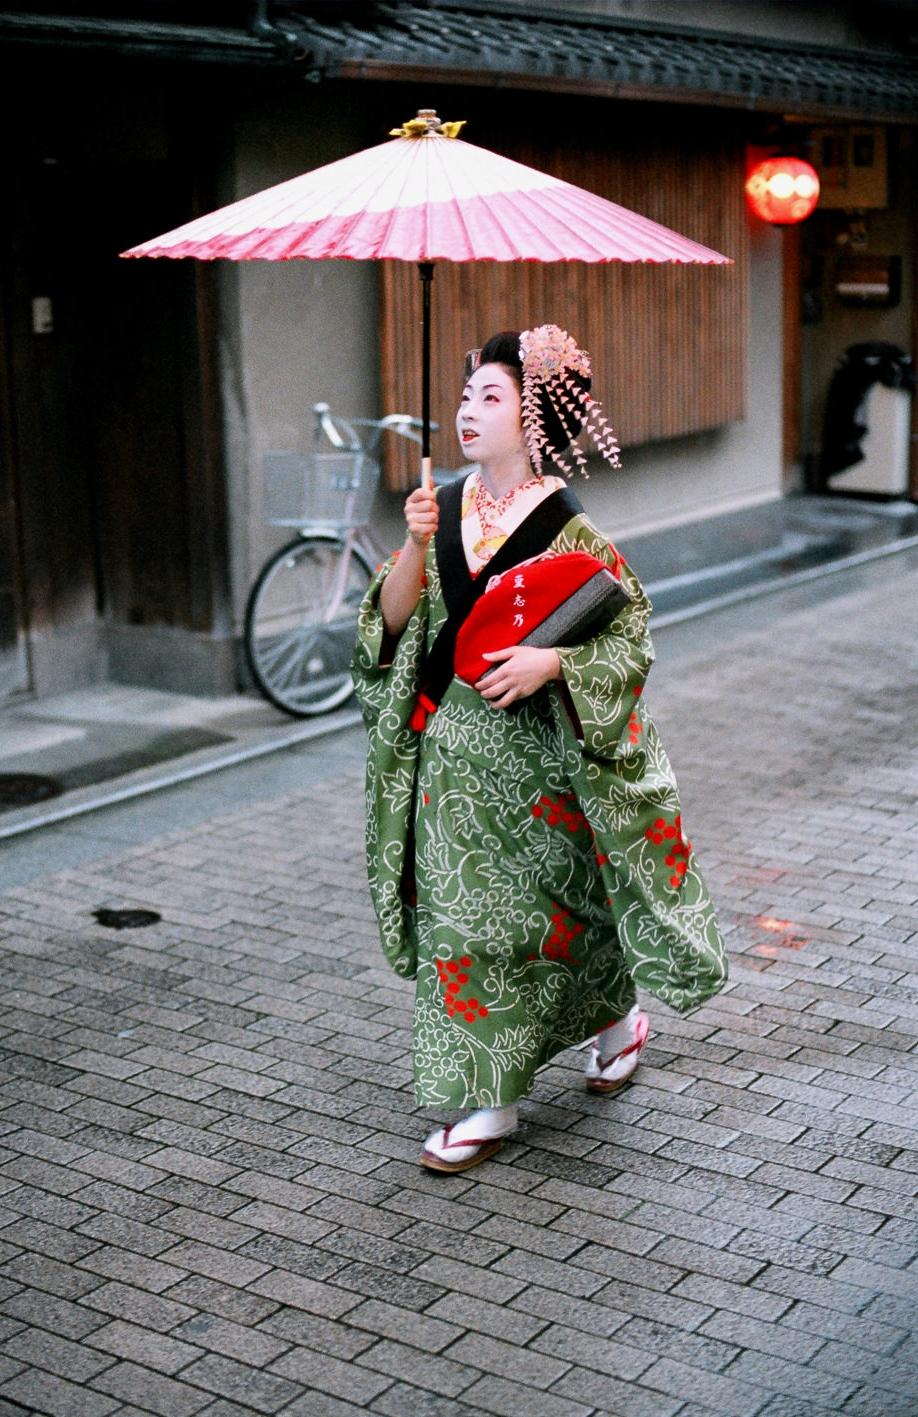 100-Views-Maiko-Geiko-51.jpg